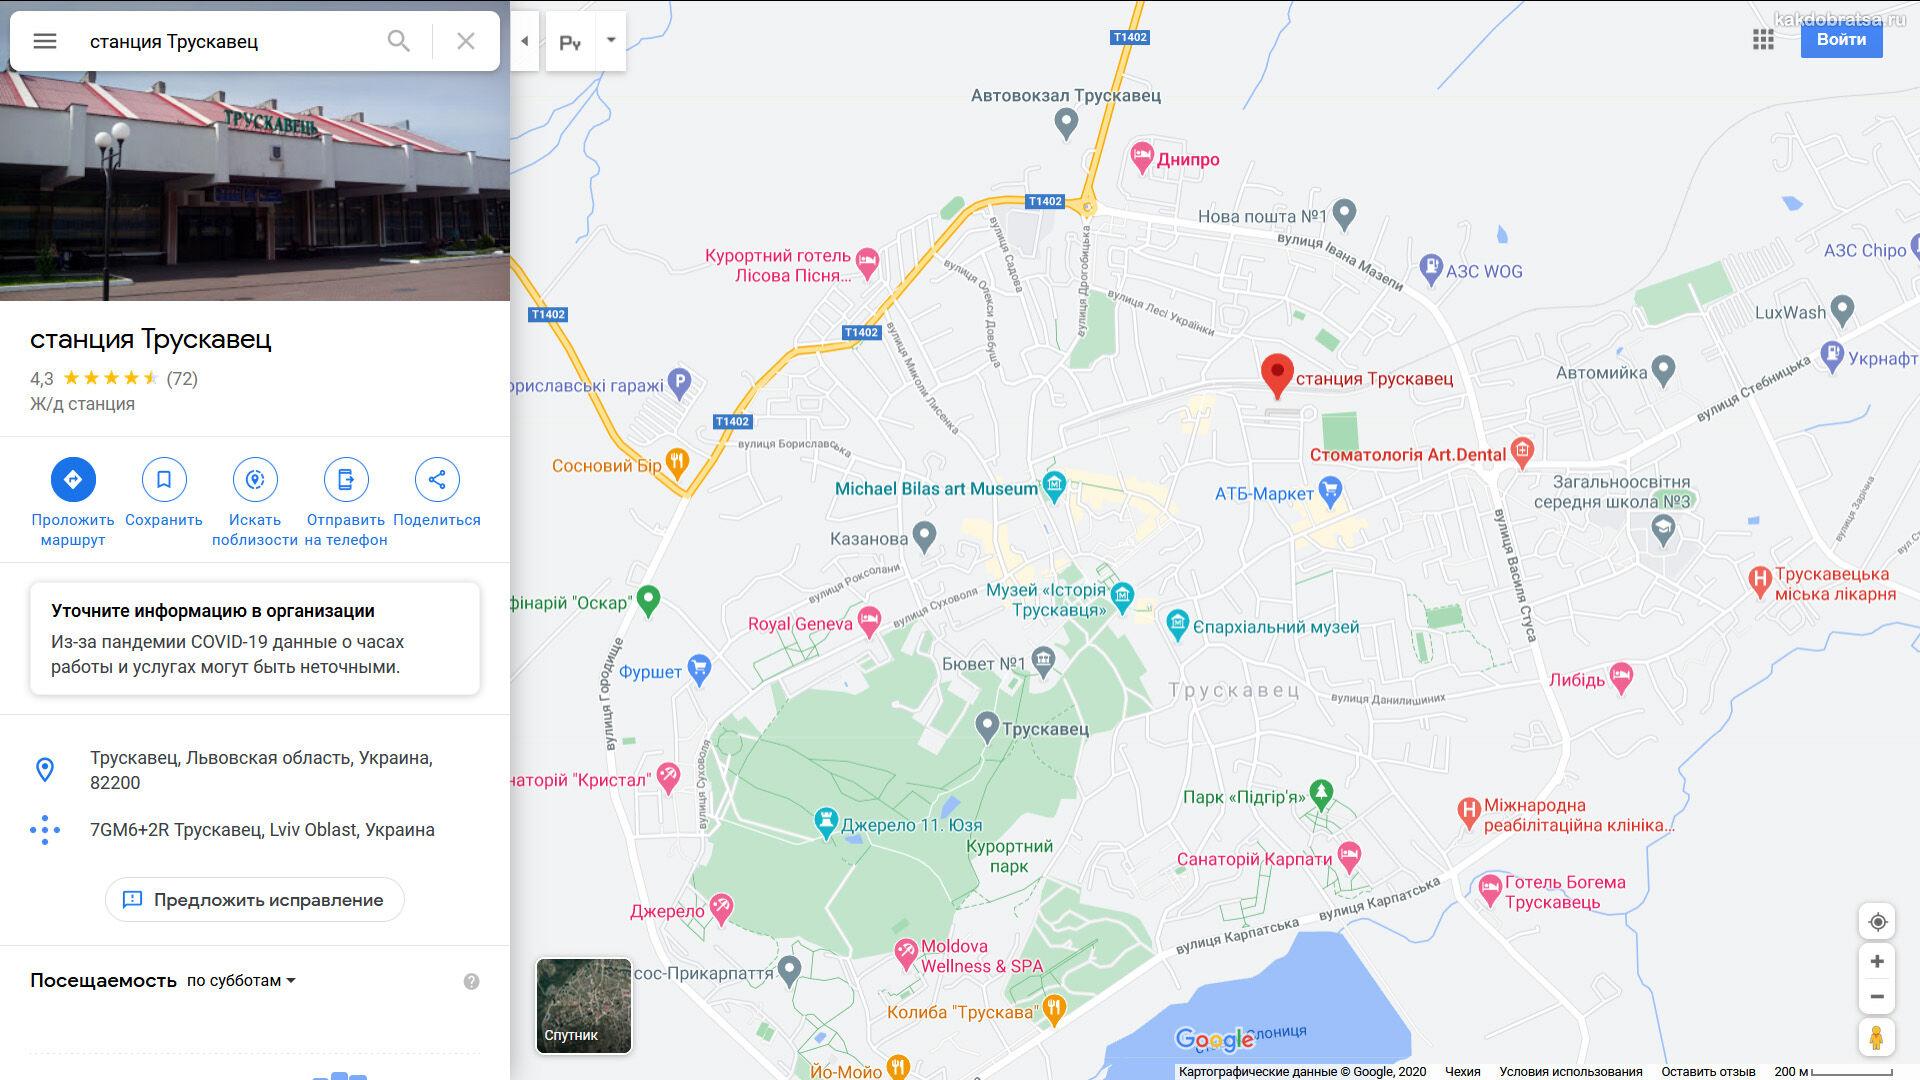 Трускавец железнодорожный вокзал адрес и отметка на карте